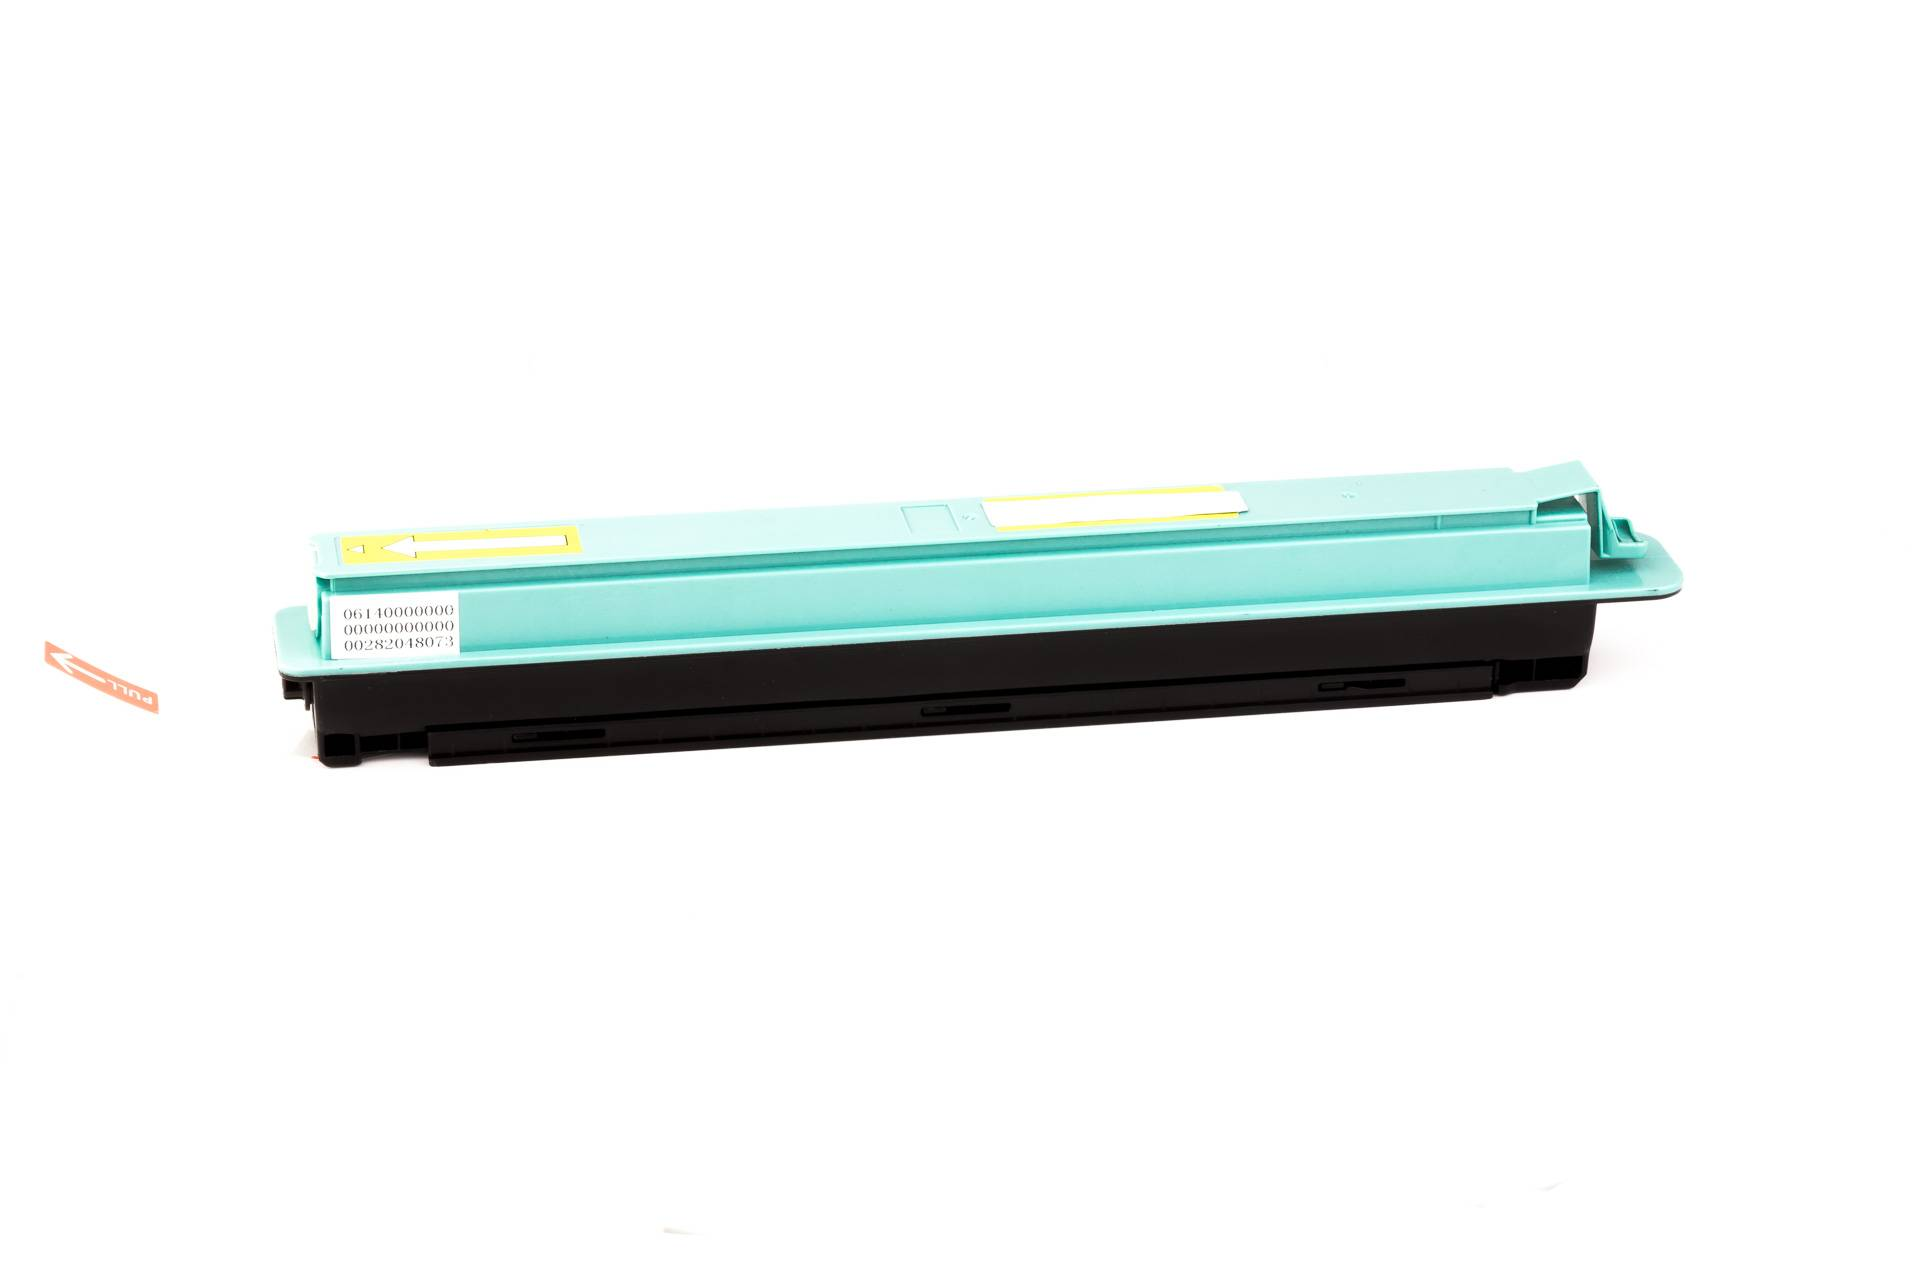 Panasonic Cartouche de Toner pour Panasonic KXFATM507 magenta compatible (de marque ASC)